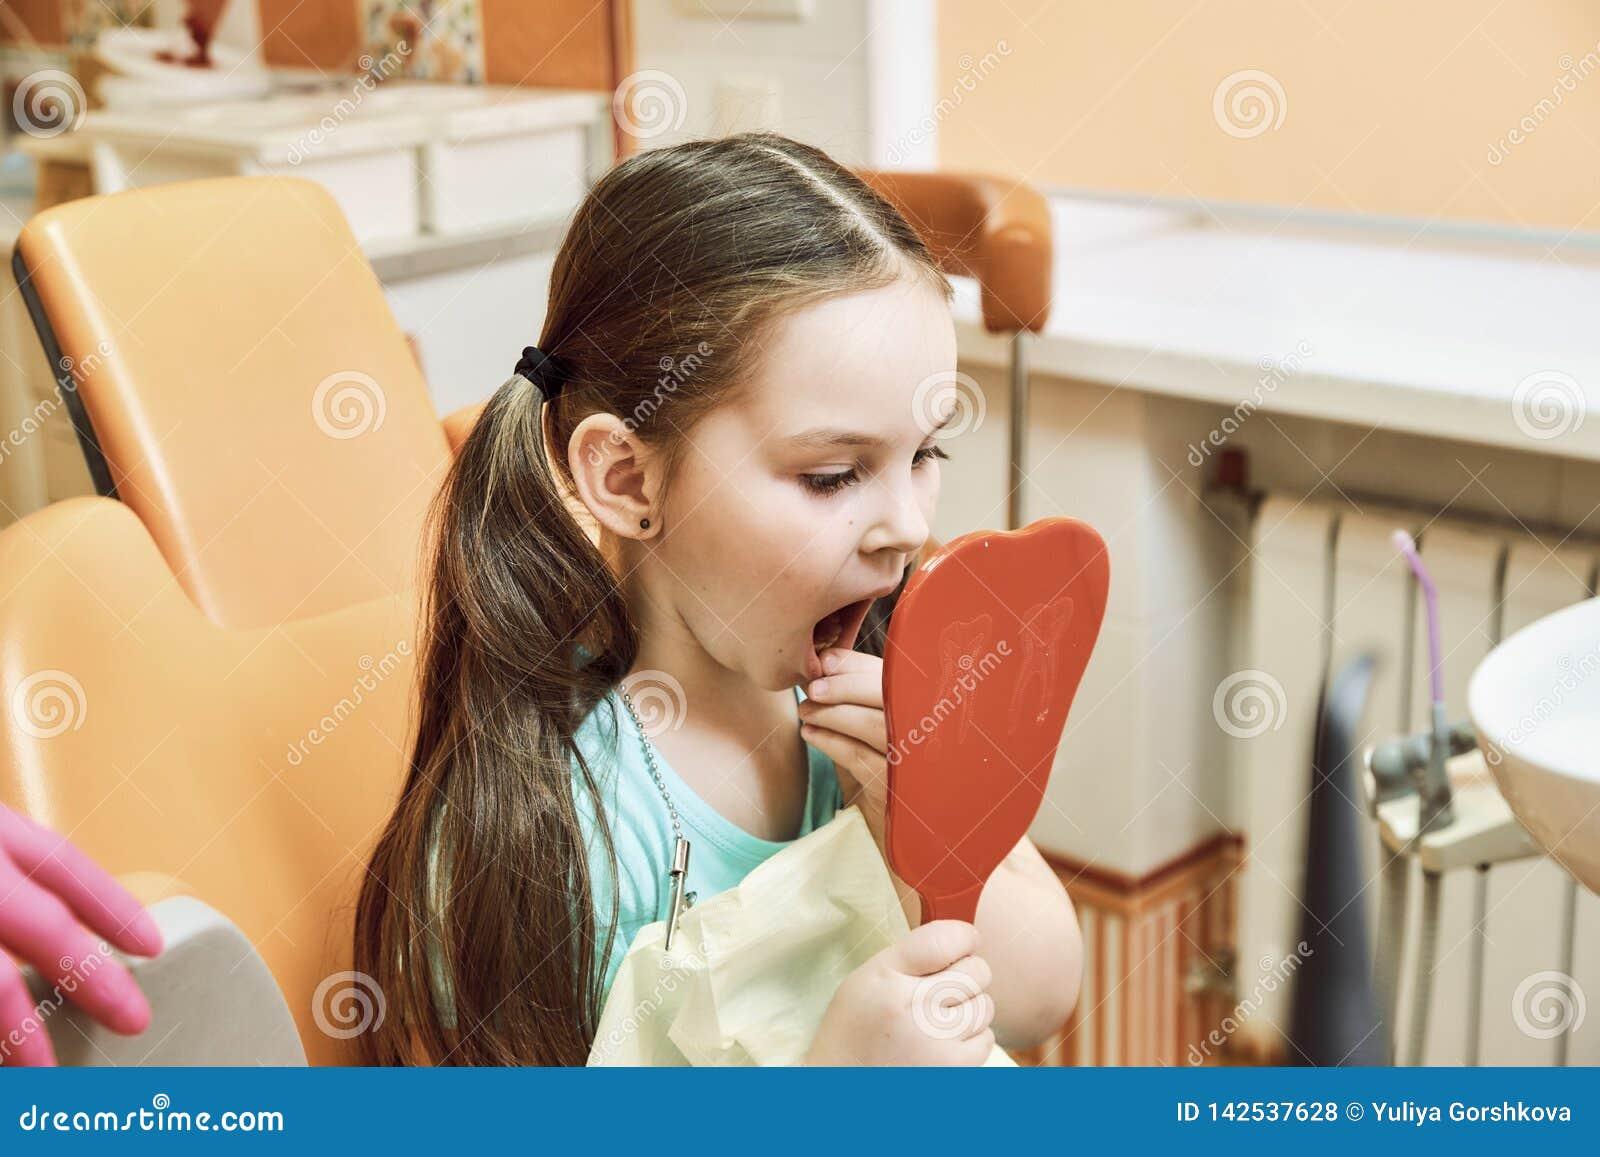 Odontologia pediatra A menina olha seus dentes no espelho